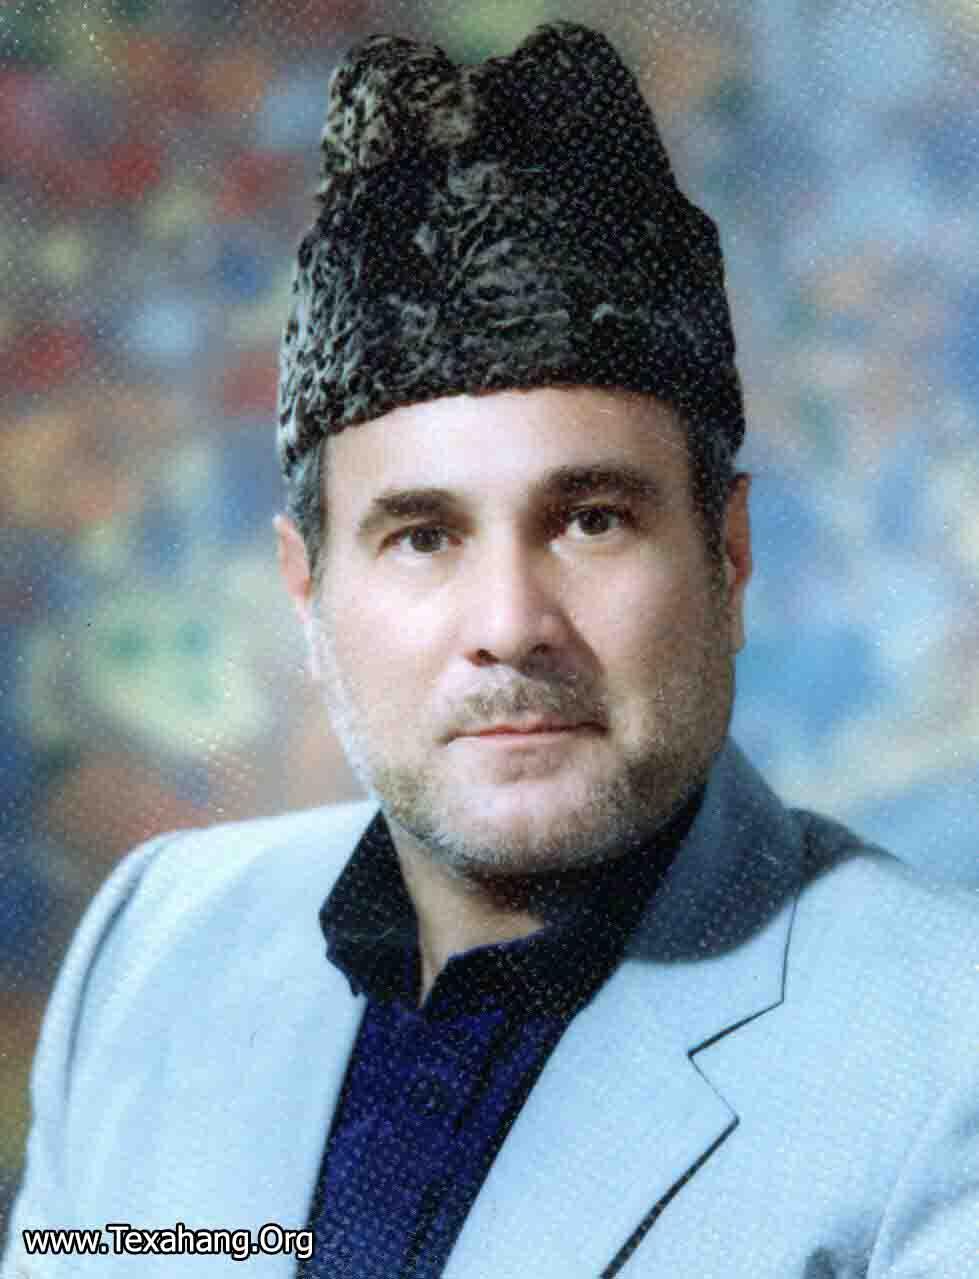 متن آهنگ زینب زینب سلیم موذن زاده اردبیلی